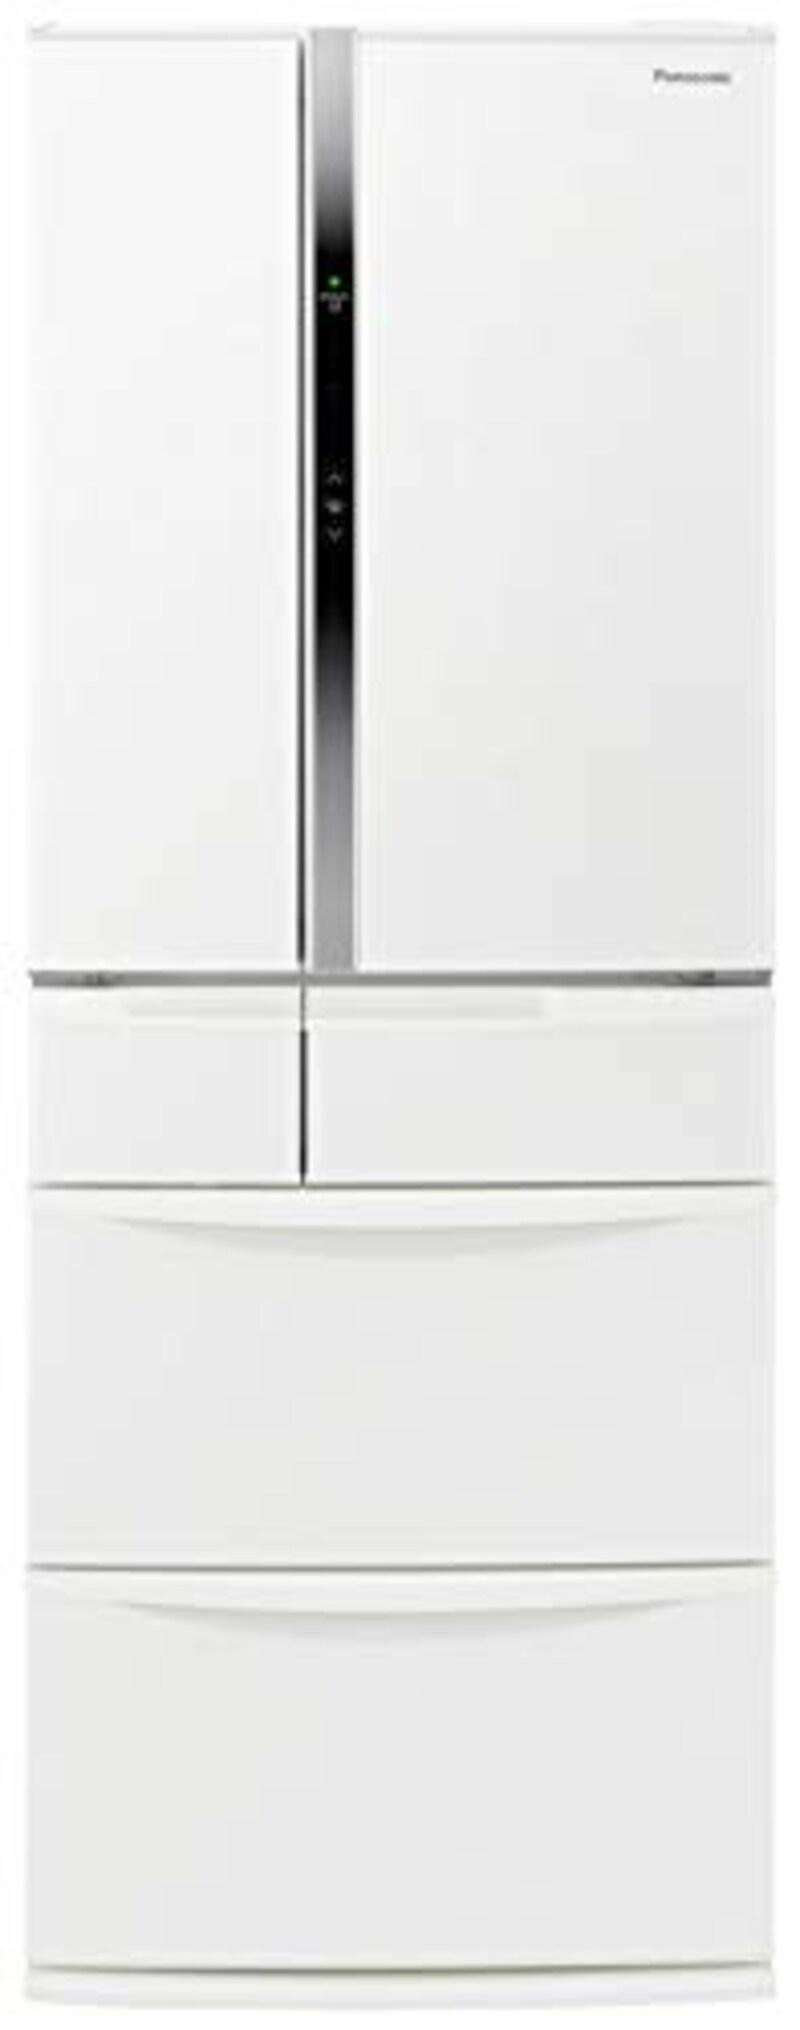 Panasonic(パナソニック),6ドア冷蔵庫  パールホワイト ,NR-FVF456-W